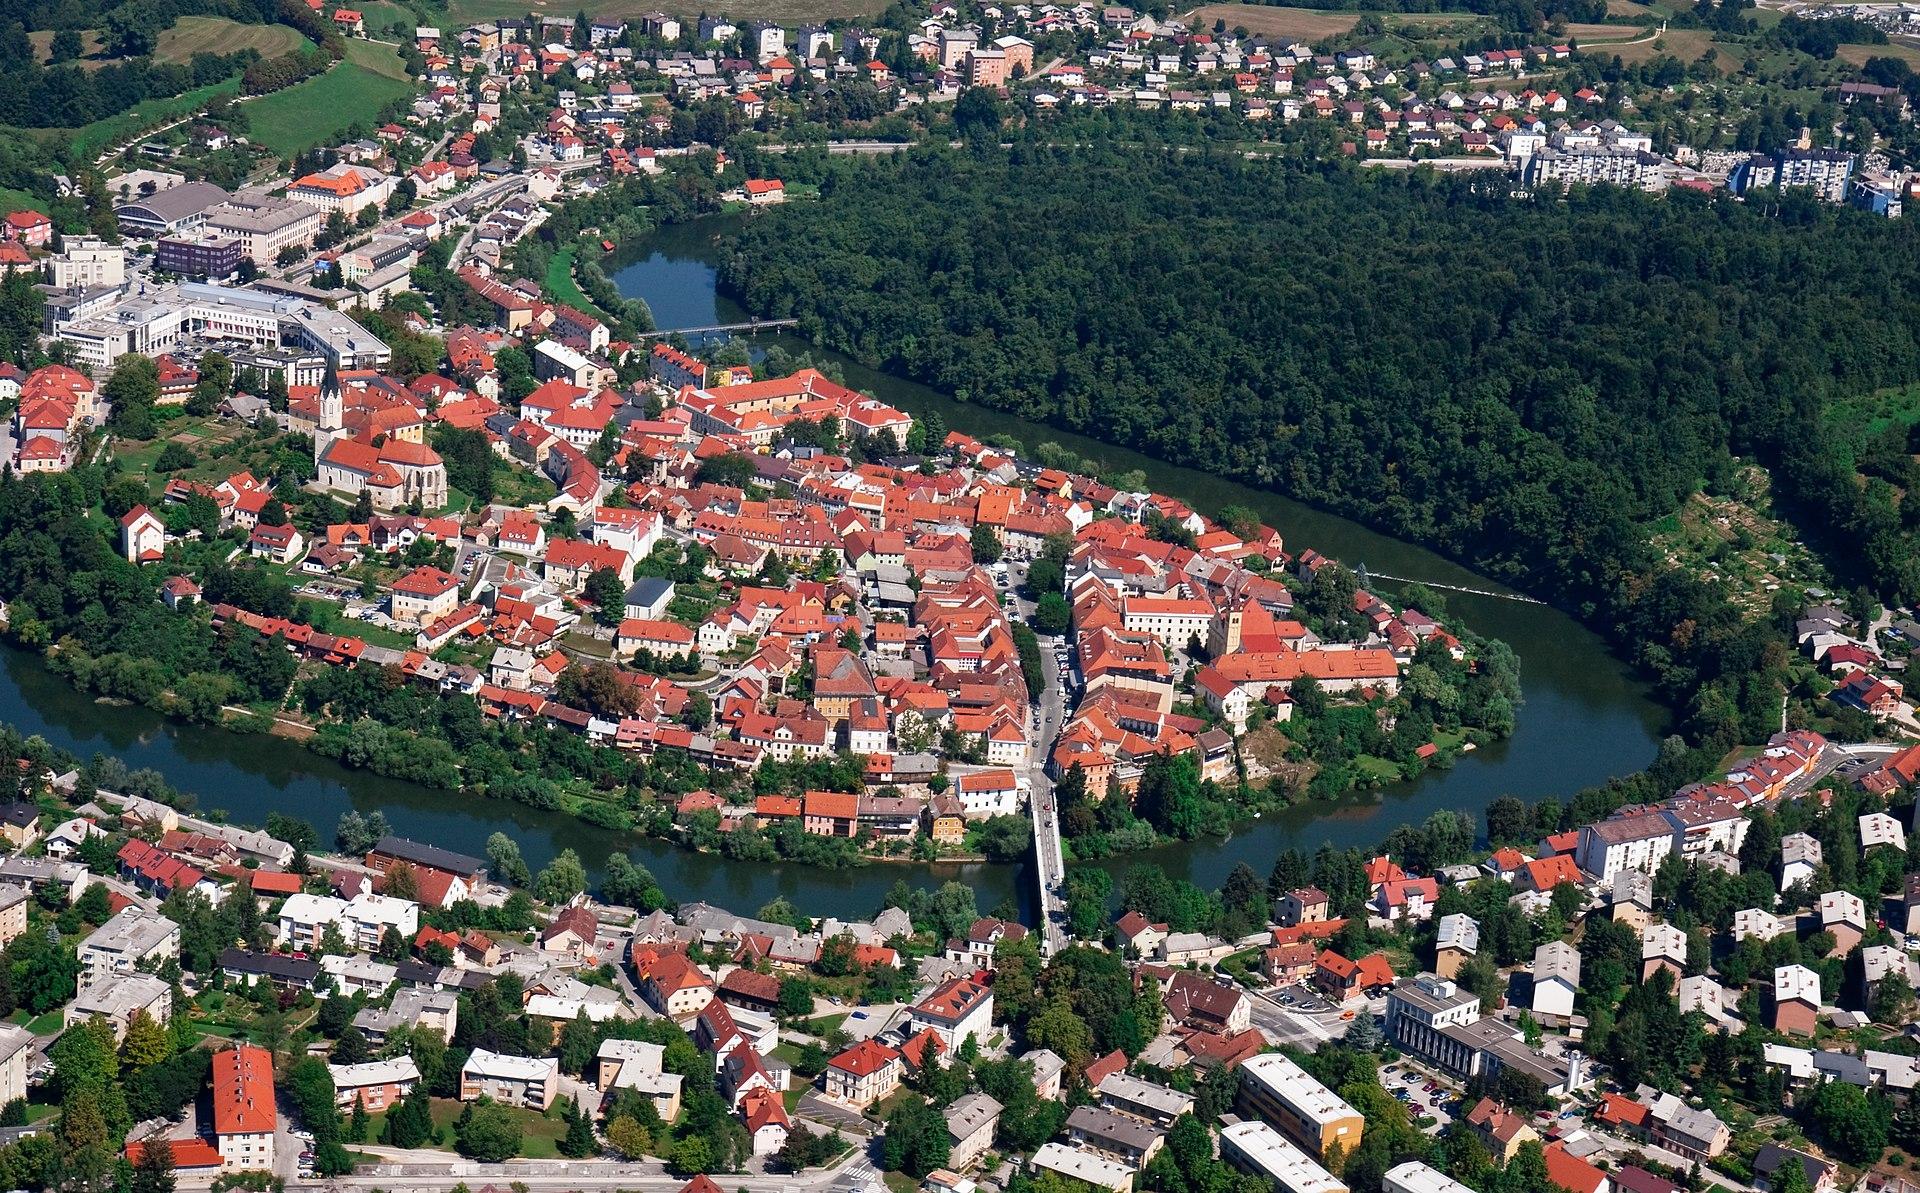 Novo Mesto látképe (Forrás:  https://www.flickr.com/photos/markopirc/)